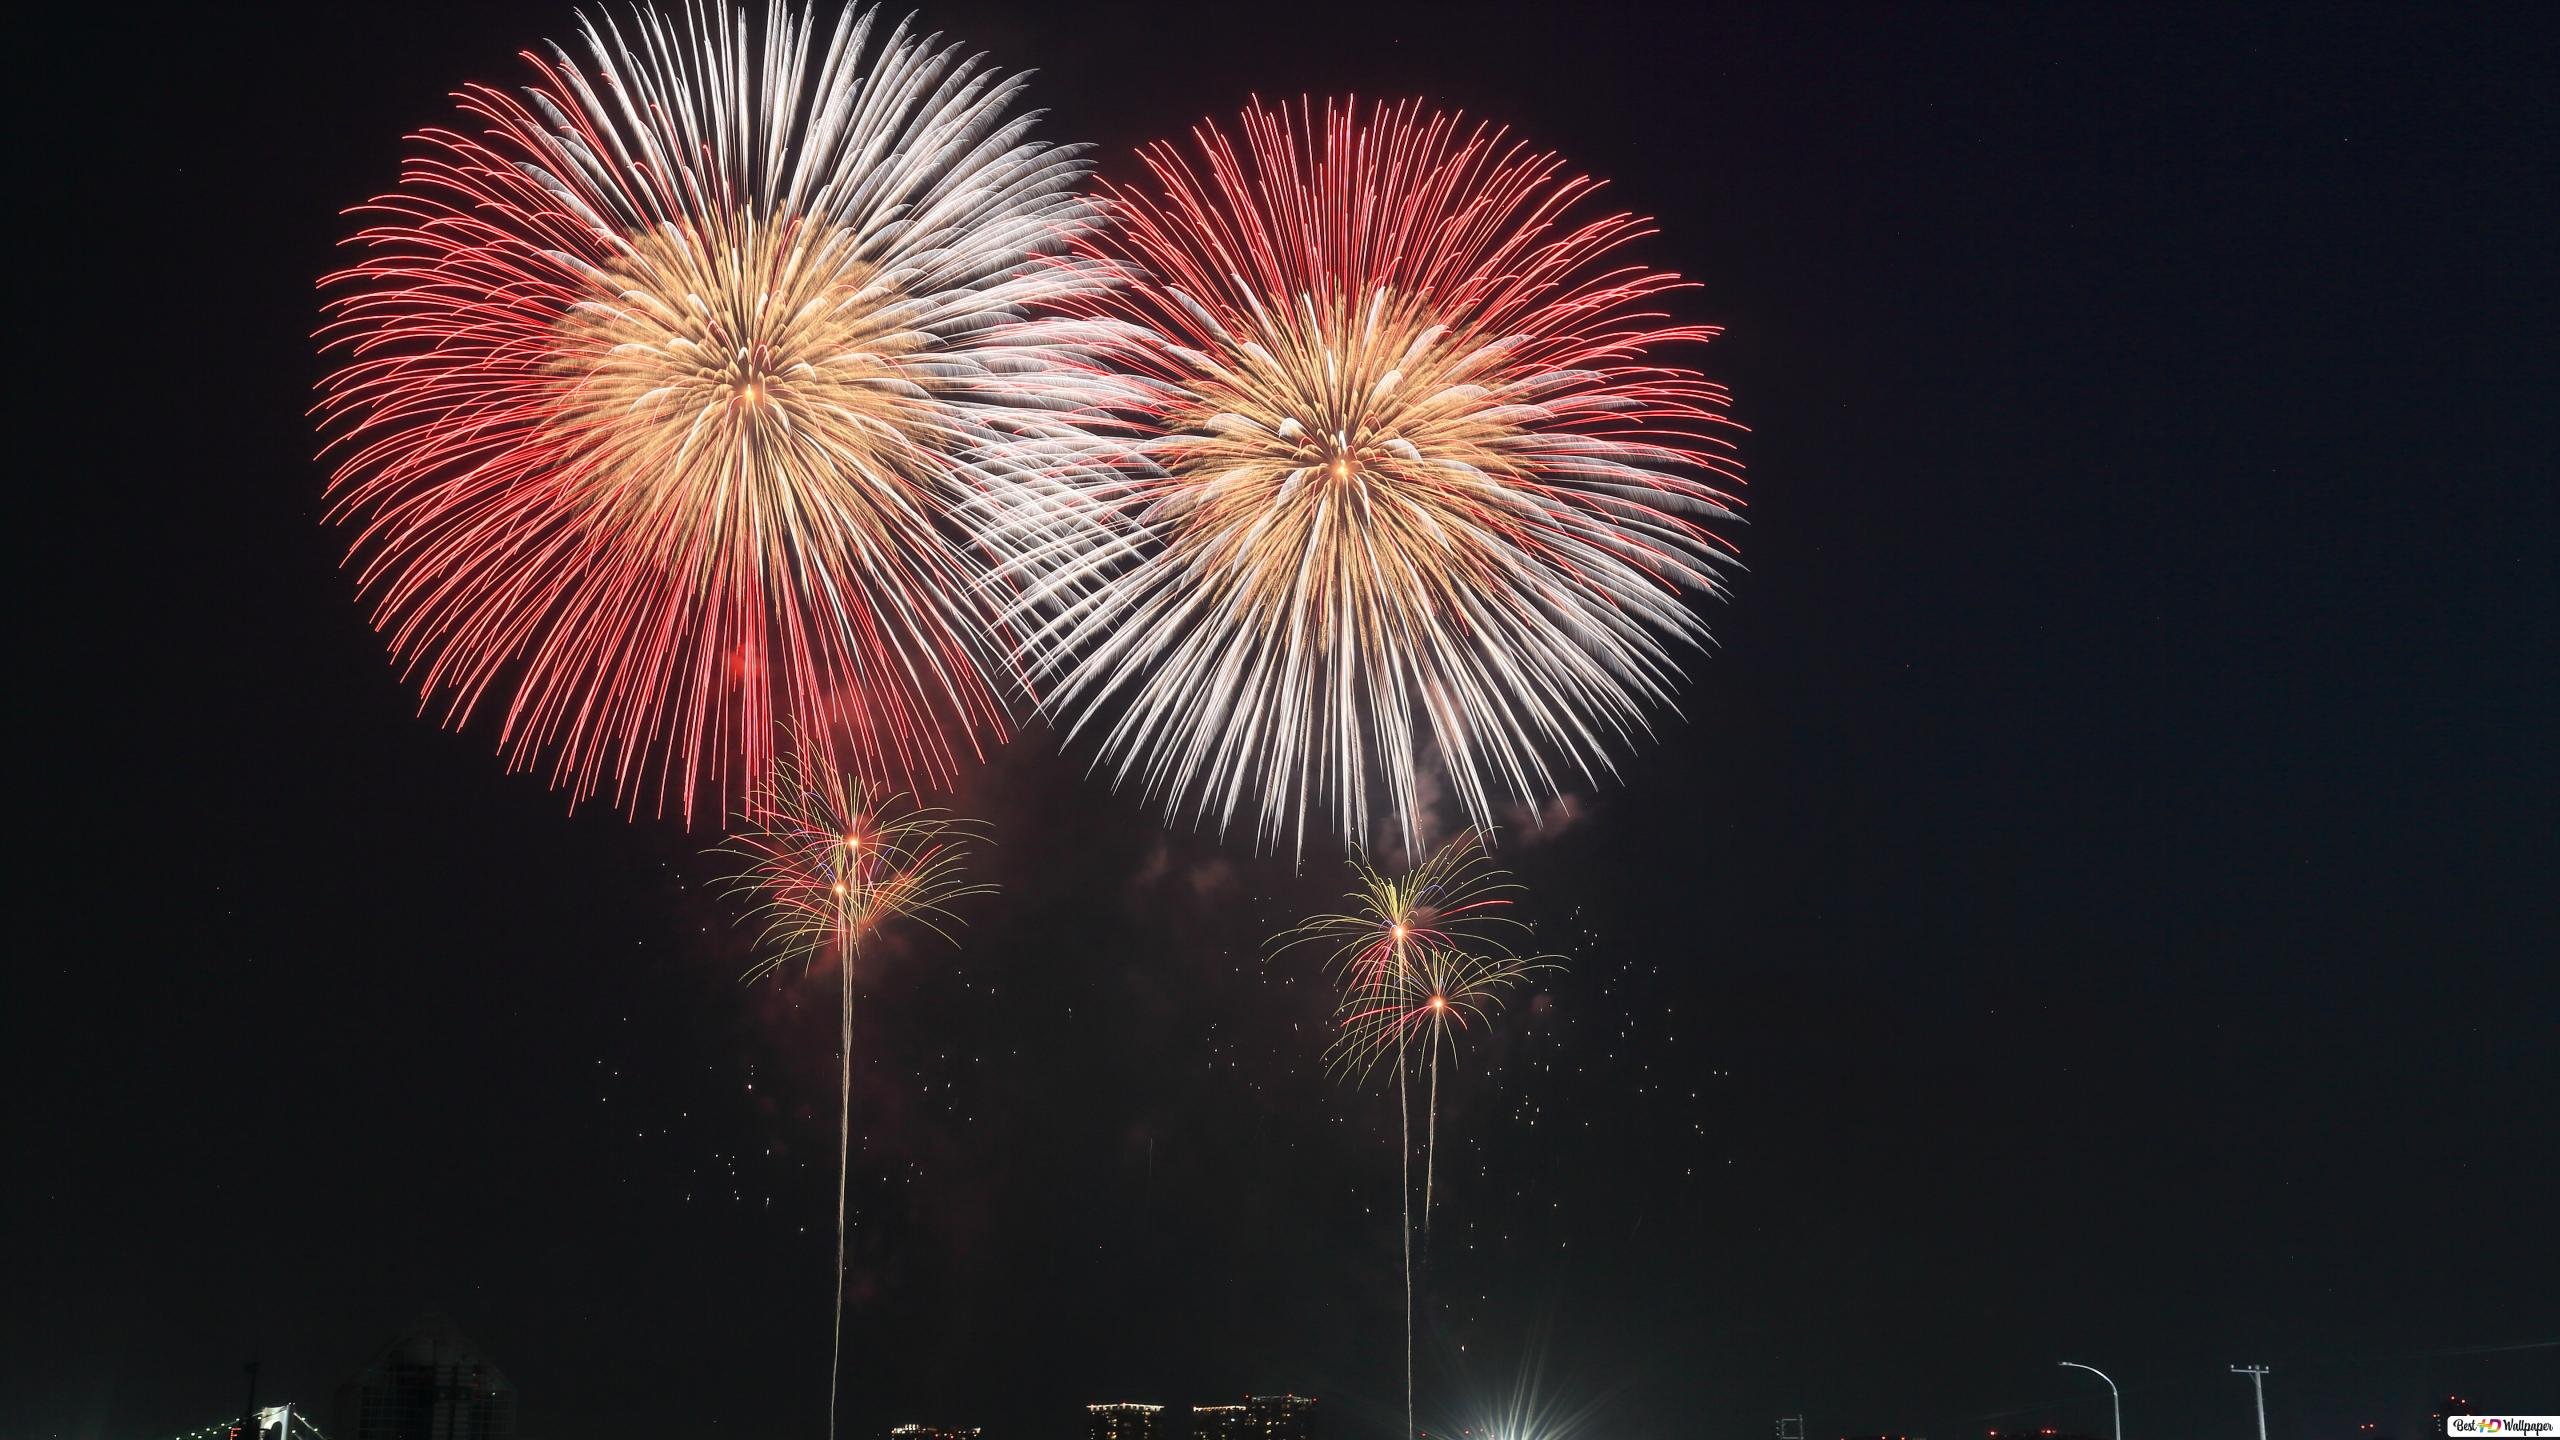 Night Fireworks HD Wallpaper Download